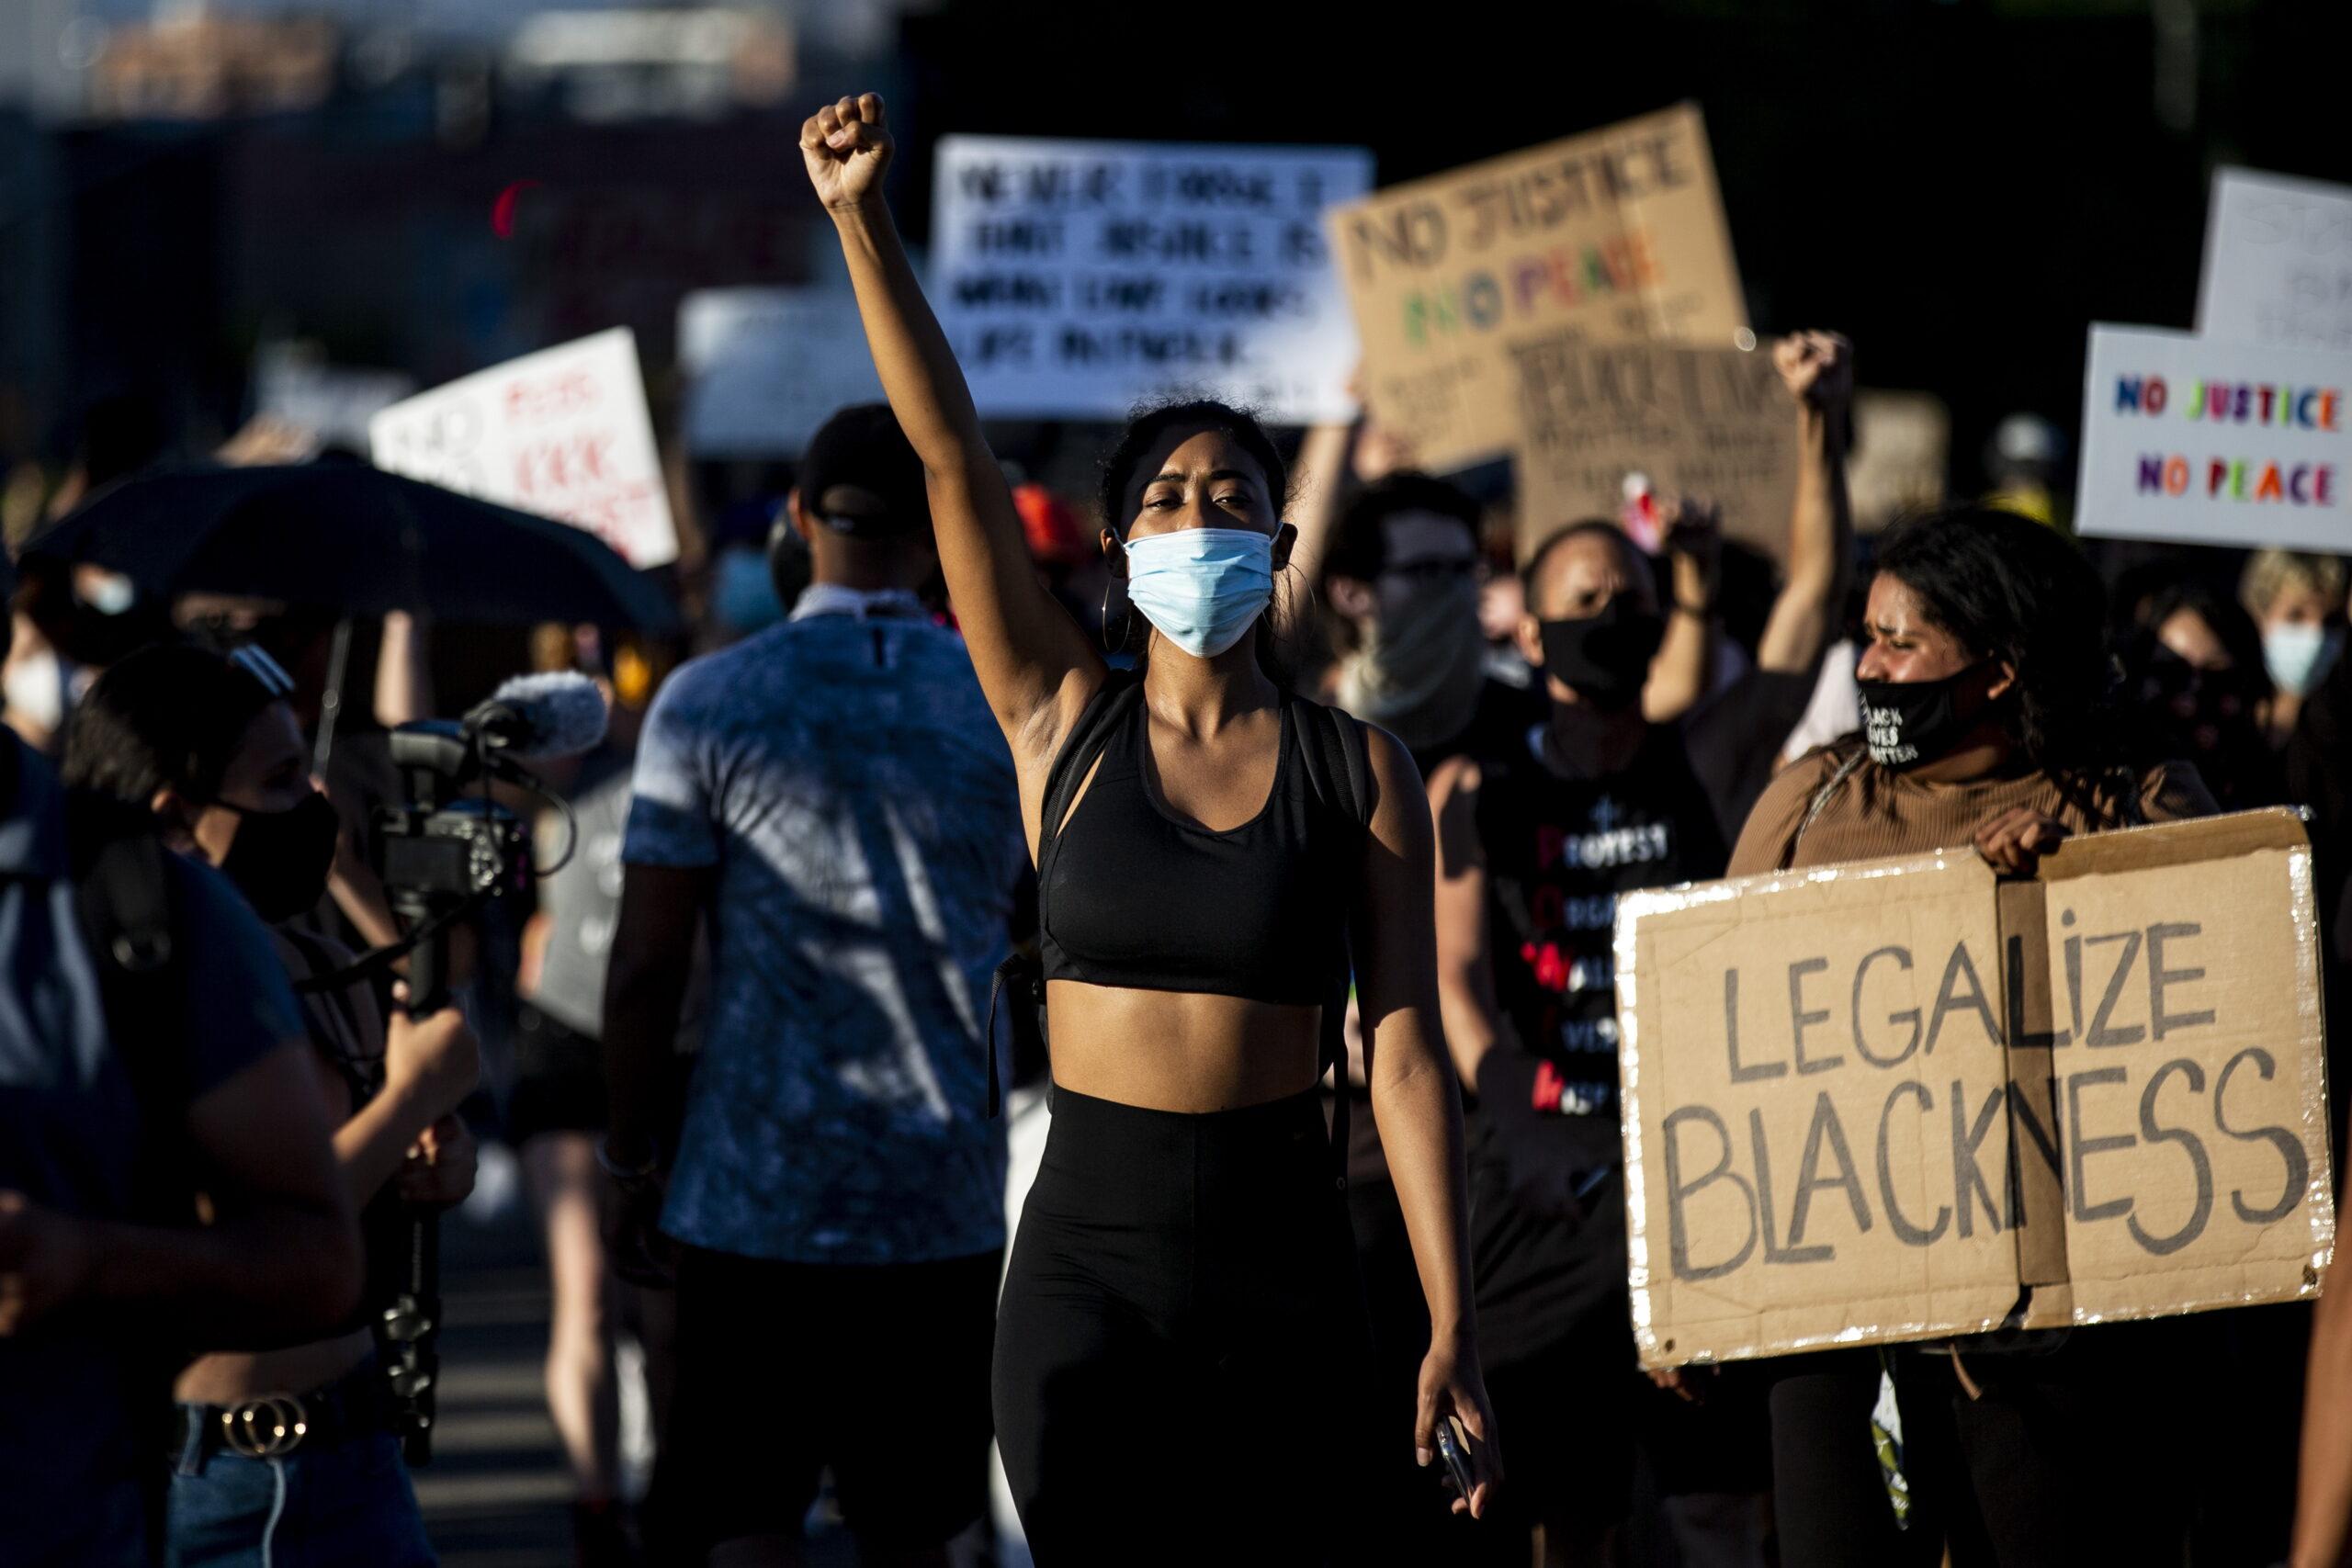 """Támogathatják-e zsidó szervezetek a """"Black Lives Matter"""" mozgalmat?"""